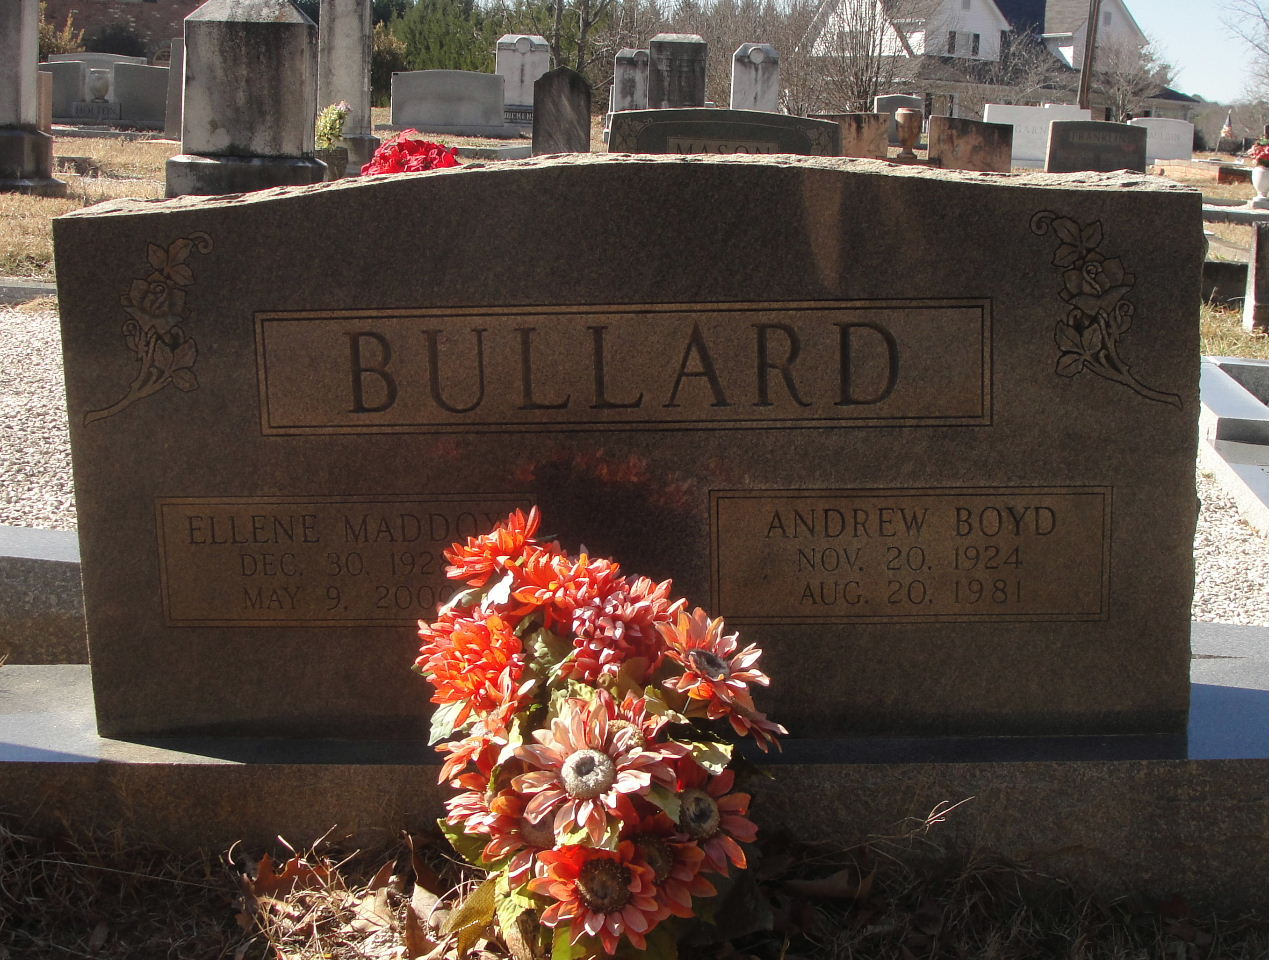 Andrew Boyd Bullard